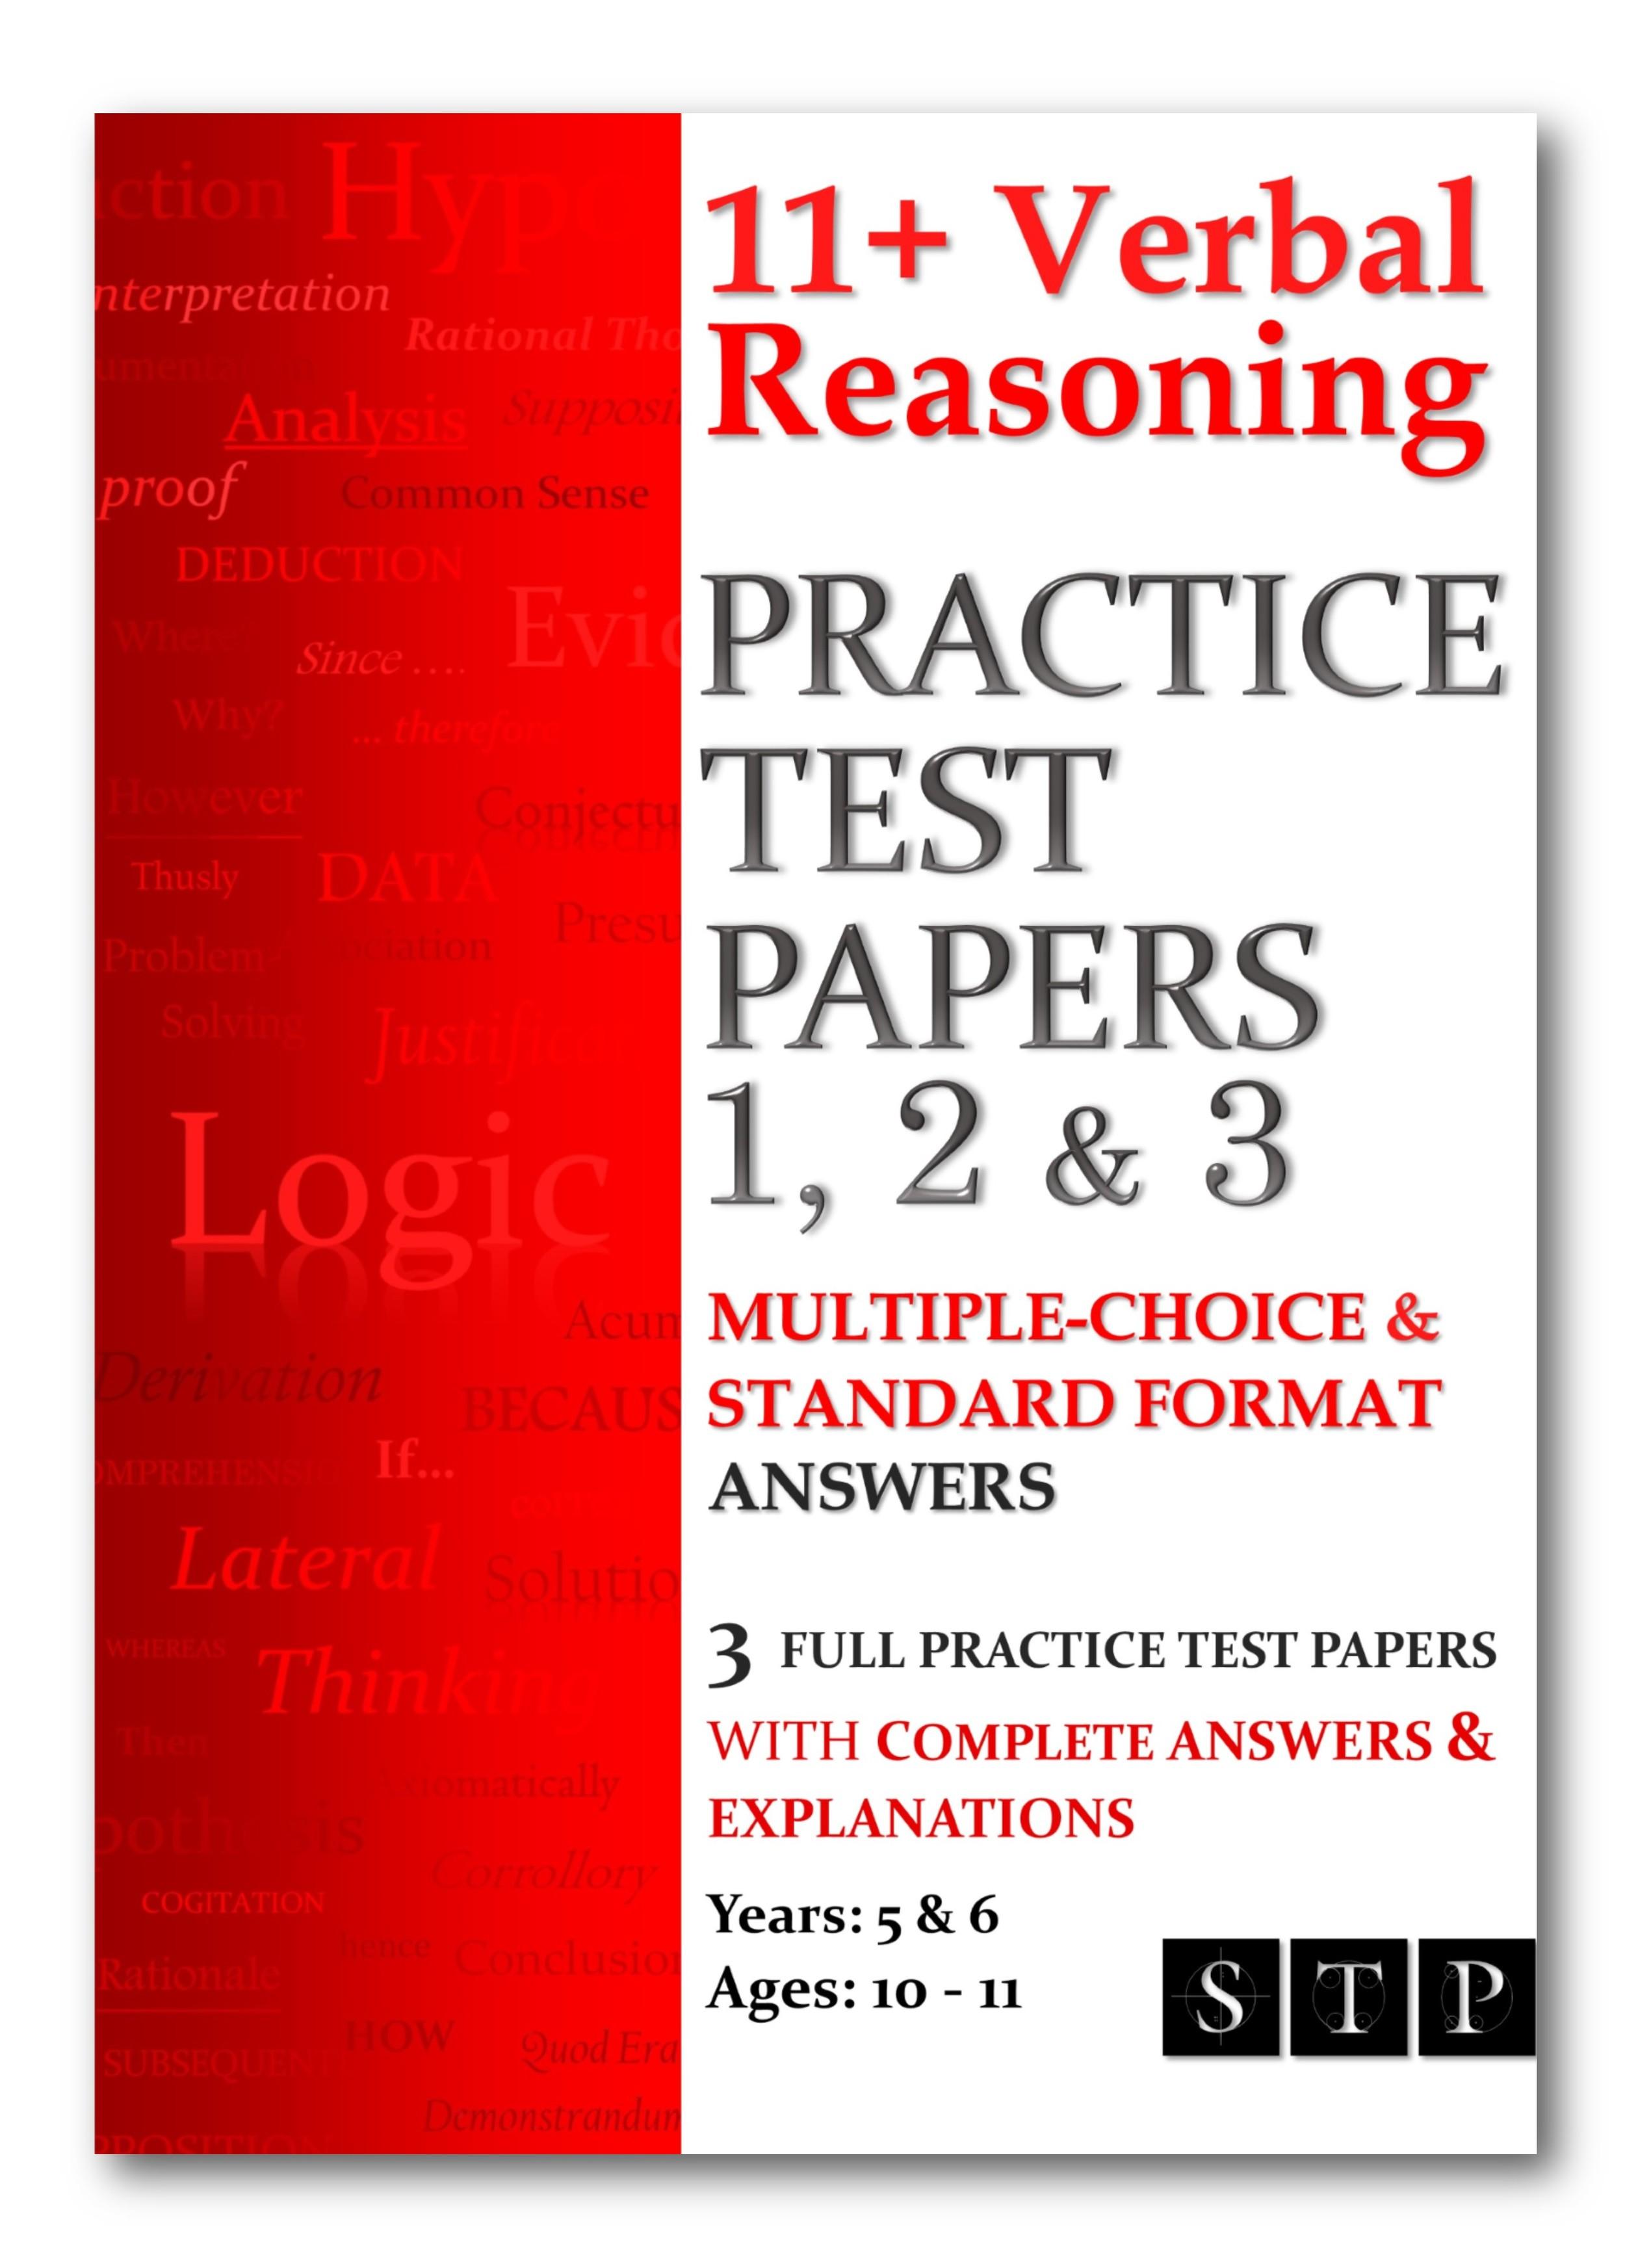 11+ Verbal Reasoning Practice Test Papers 1, 2 & 3